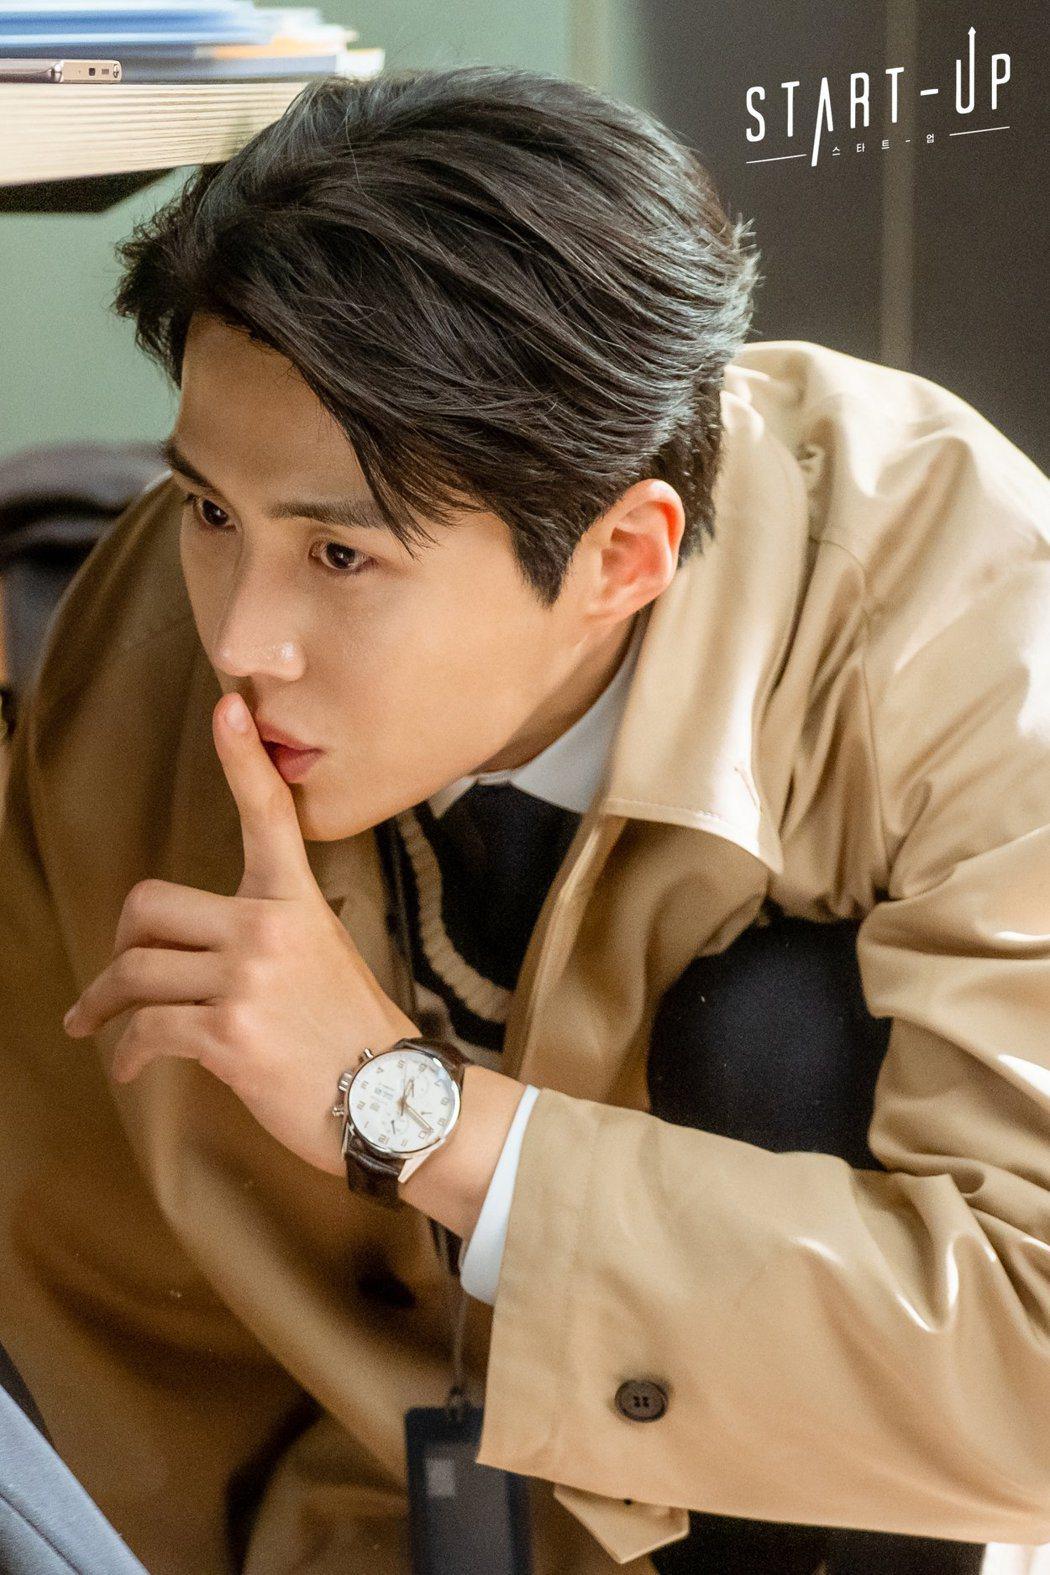 《Start-Up》劇照。圖/擷自tvN官方臉書